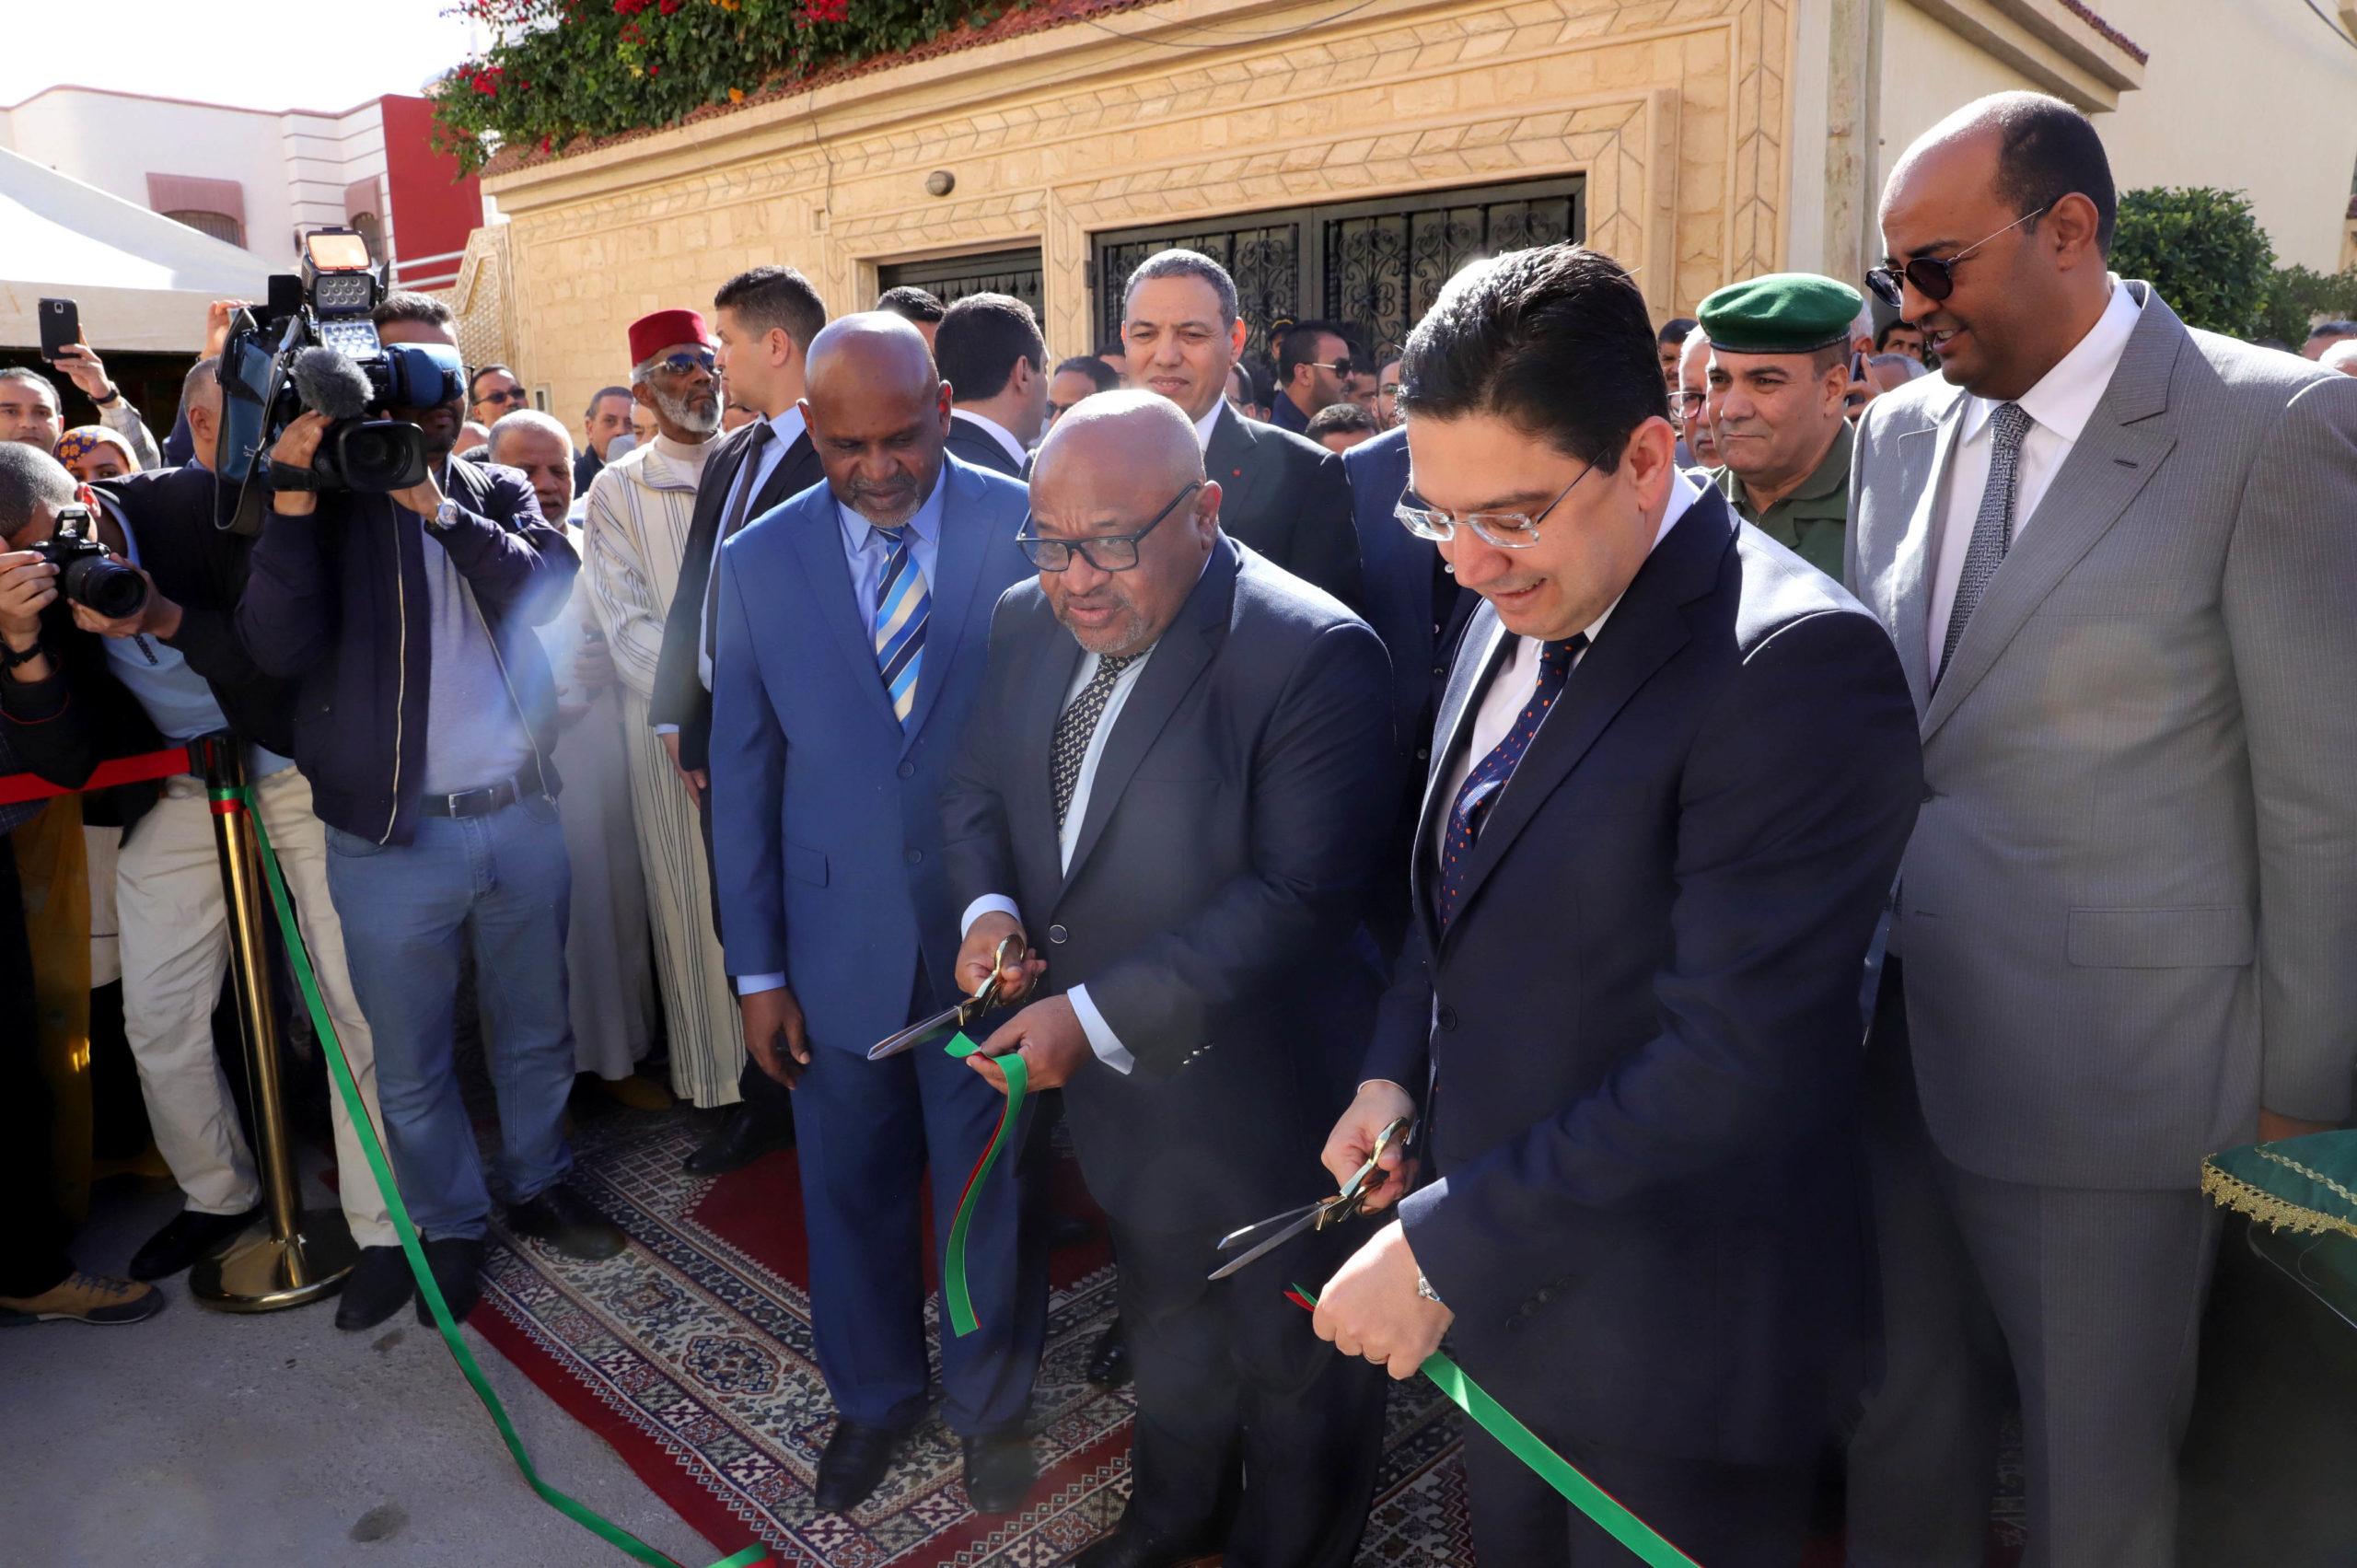 L'Union des Comores ouvre un consulat général à Laâyoune qui sera suivi par 4 autres pays africains